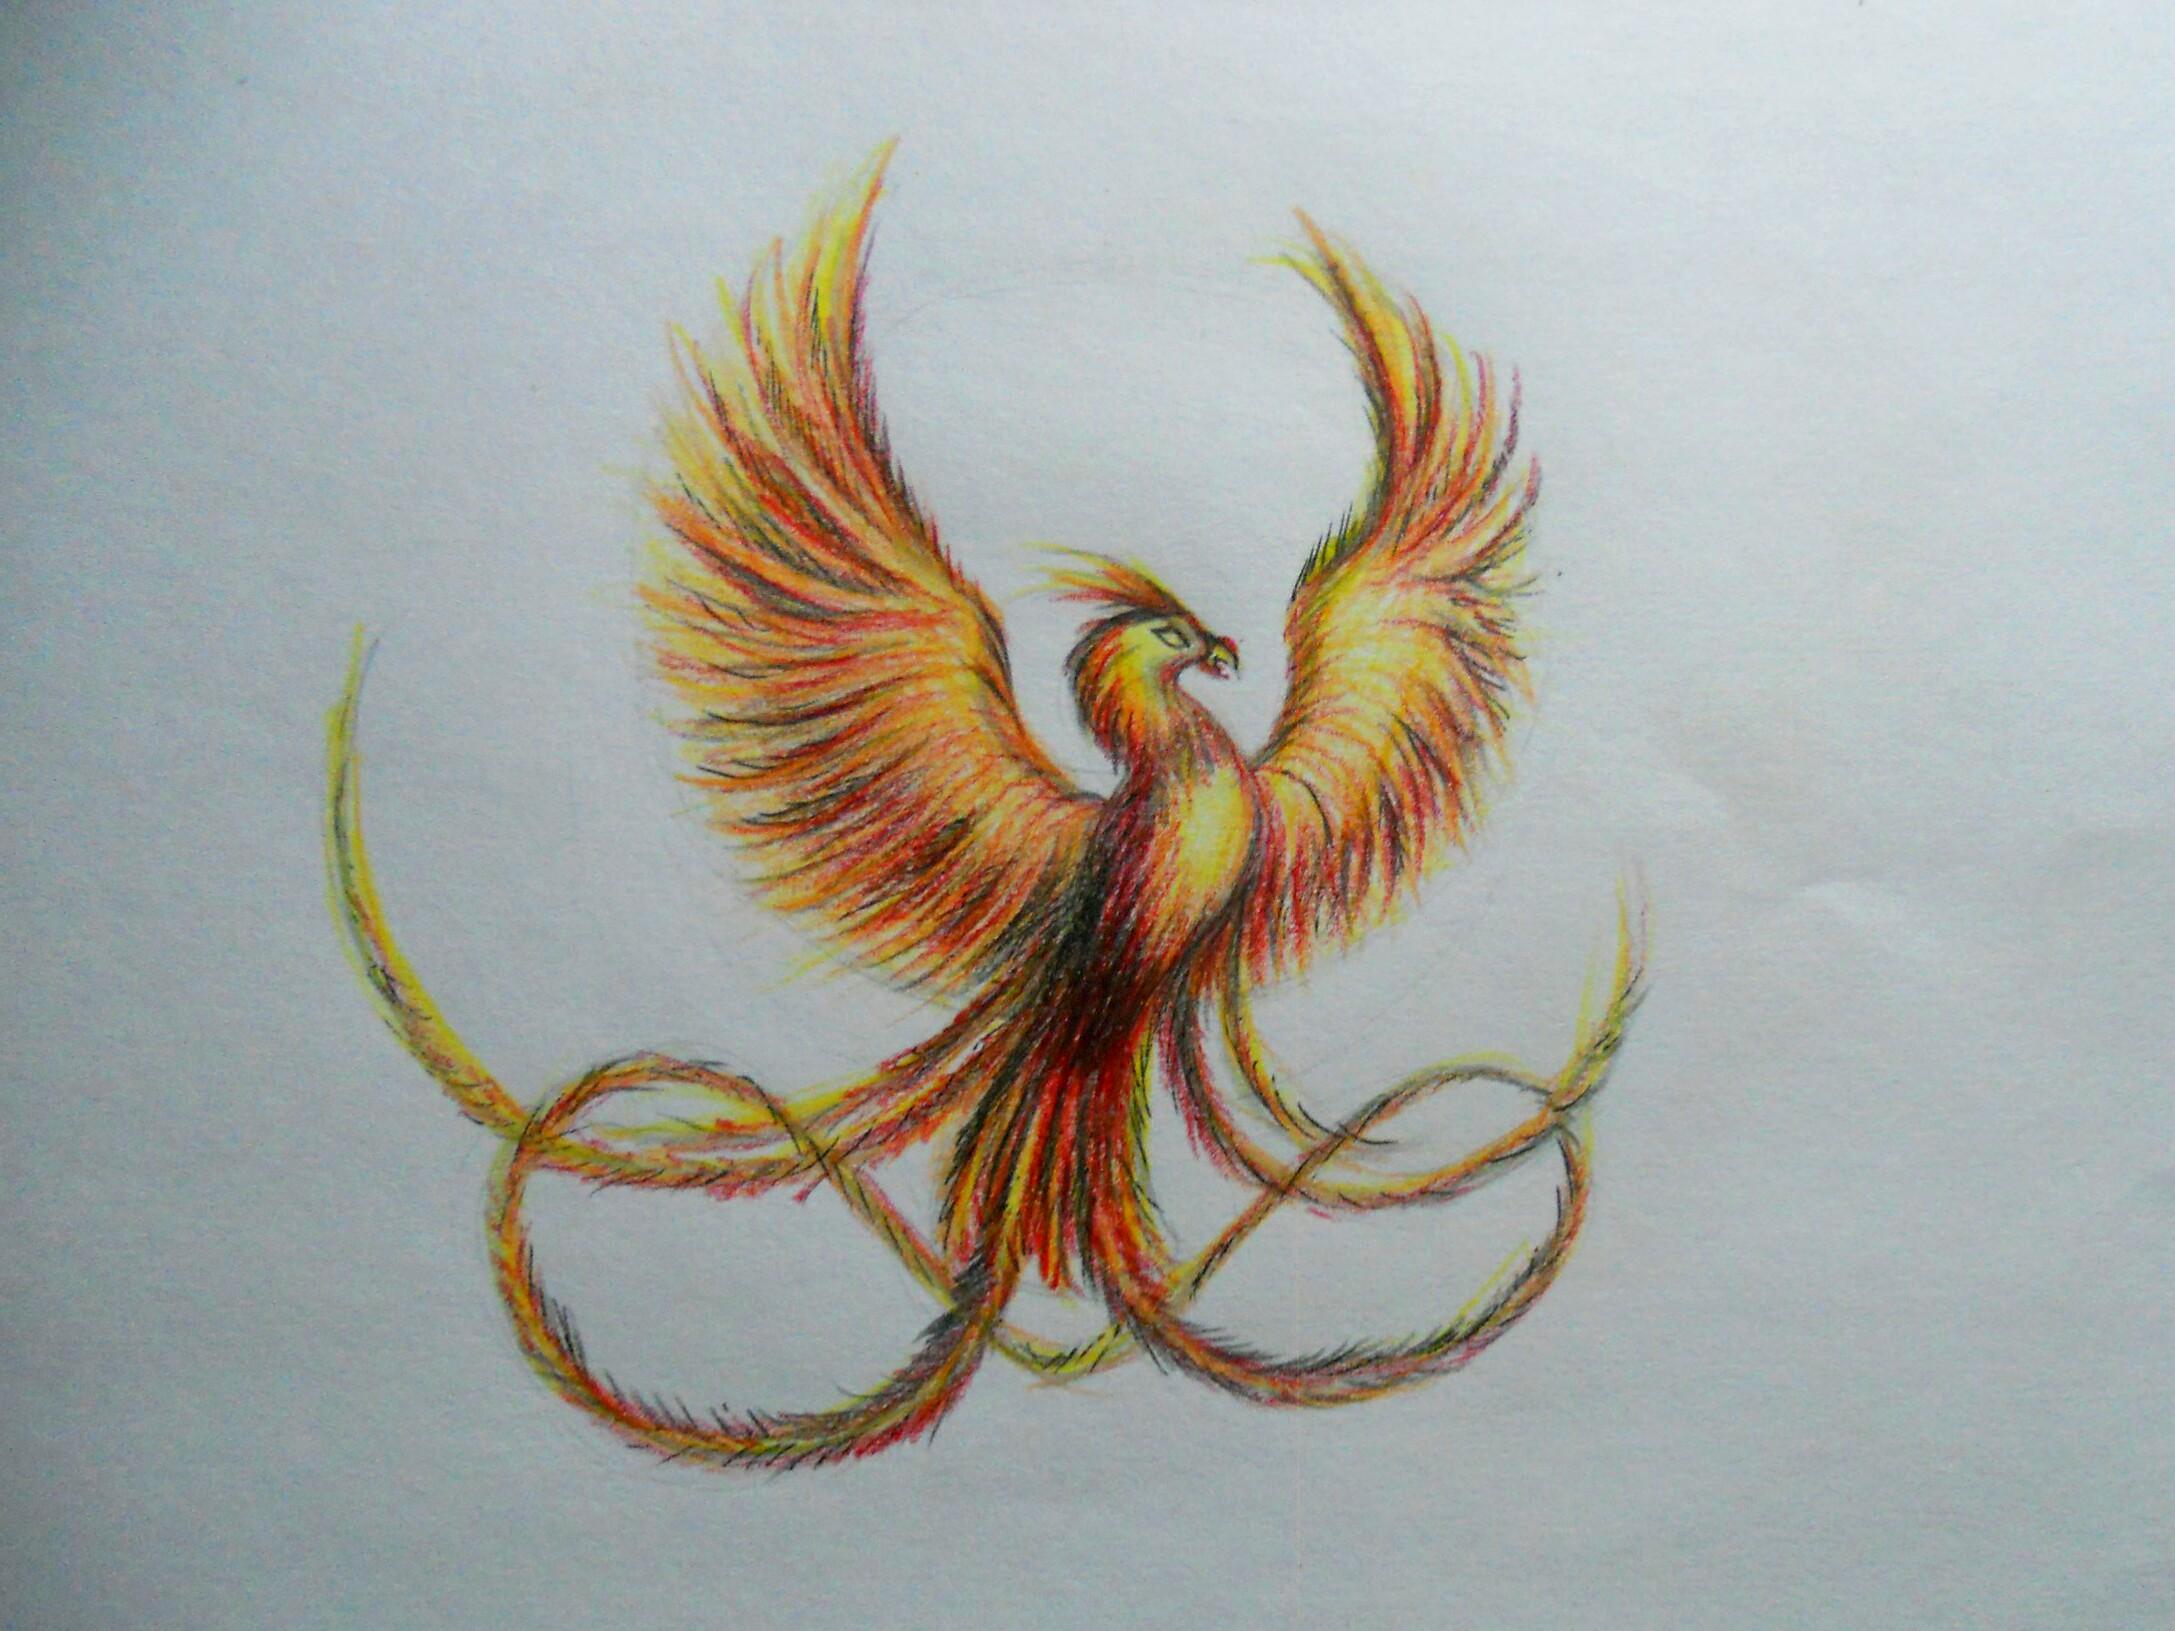 Как нарисовать феникса карандашом поэтапно?